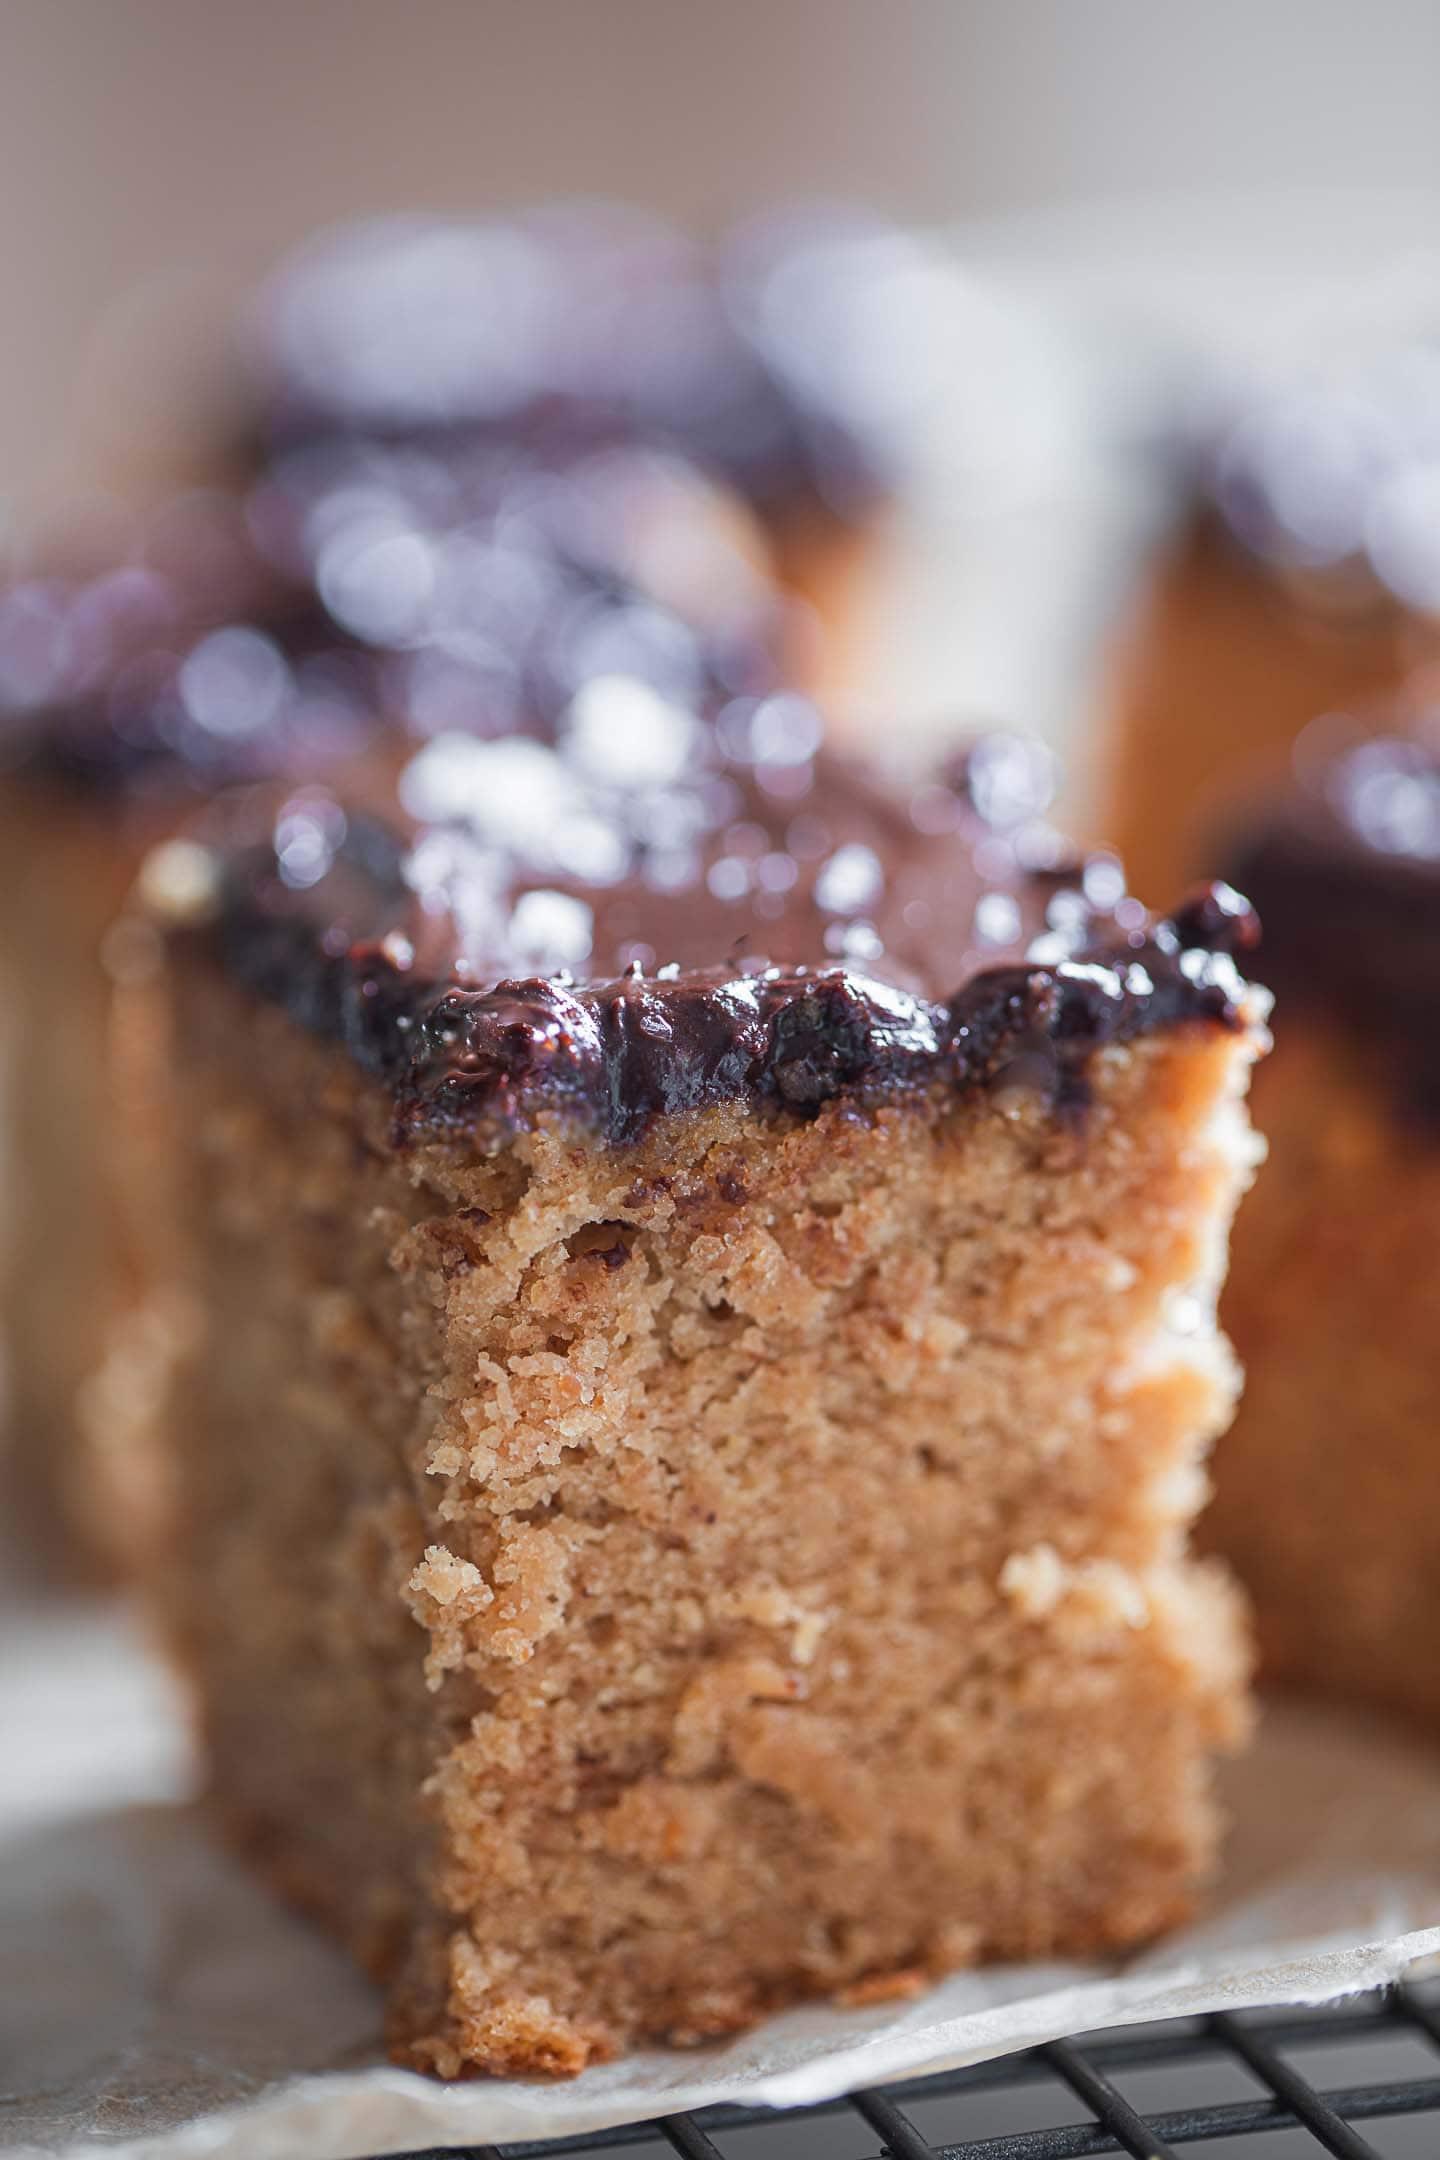 Vegan peanut butter cake recipe gluten-free